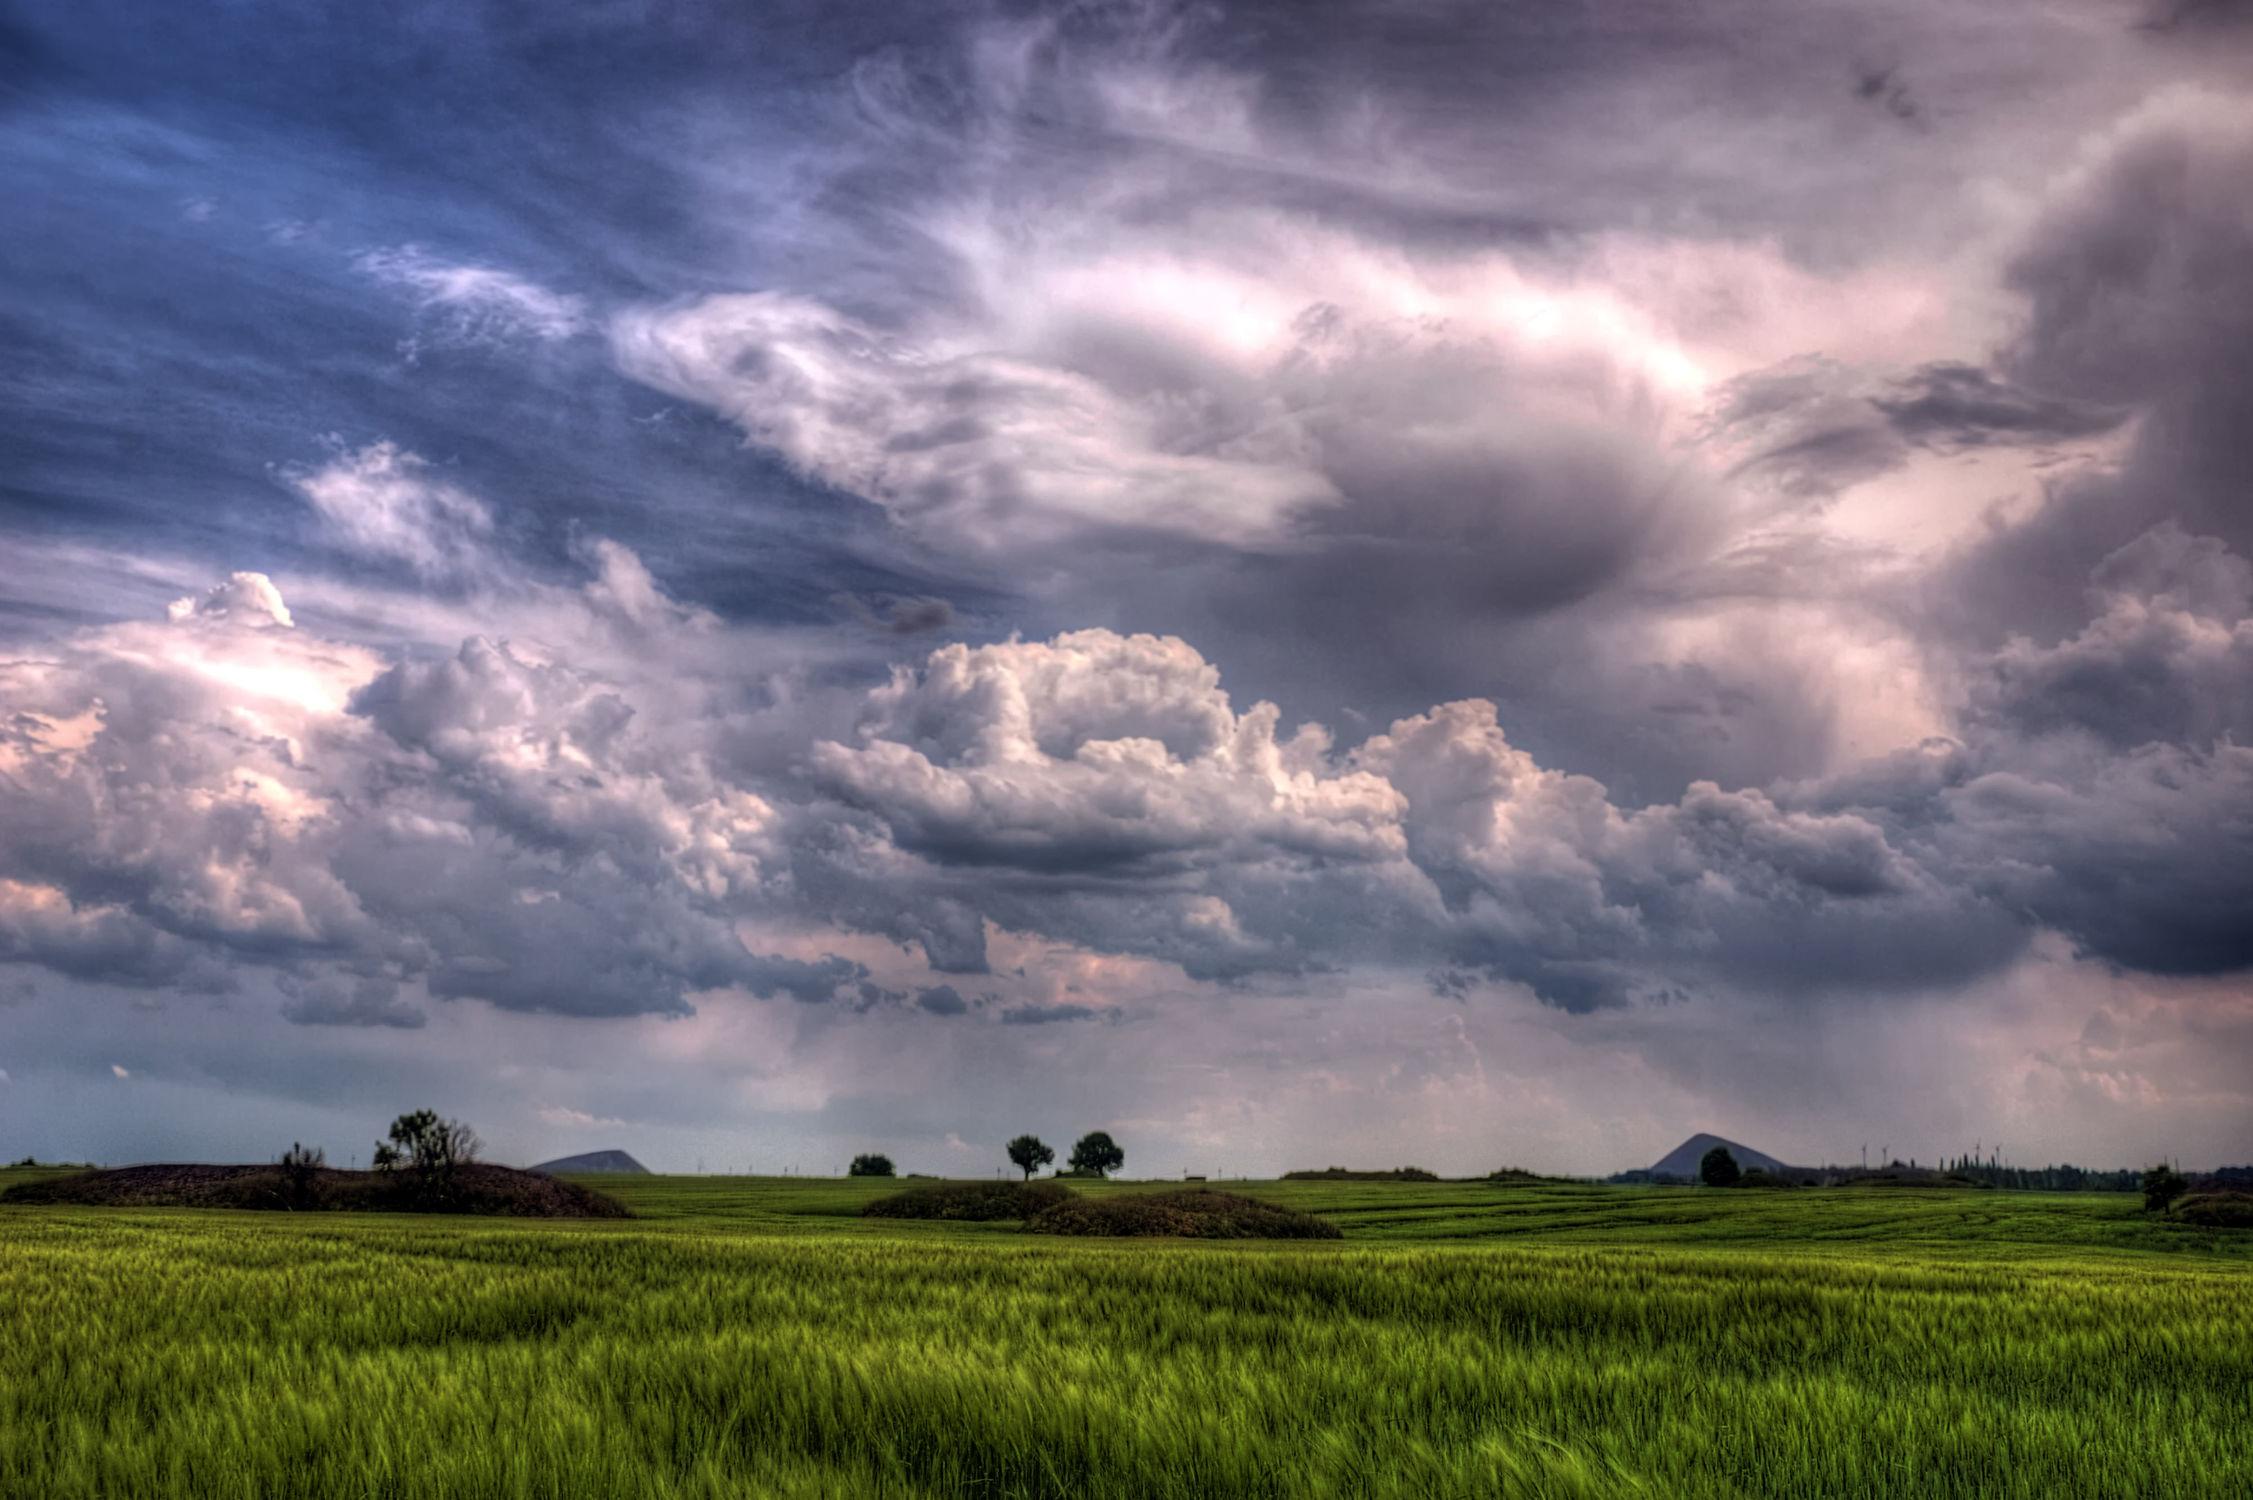 Bild mit Landschaften, Sonnenuntergang, Sonnenuntergang, Landschaft, Wiese, Feld, Felder, Ernte, Mansfeld Südharz, Wiesen, Weide, Weiden, landwirtschaft, Erntezeit